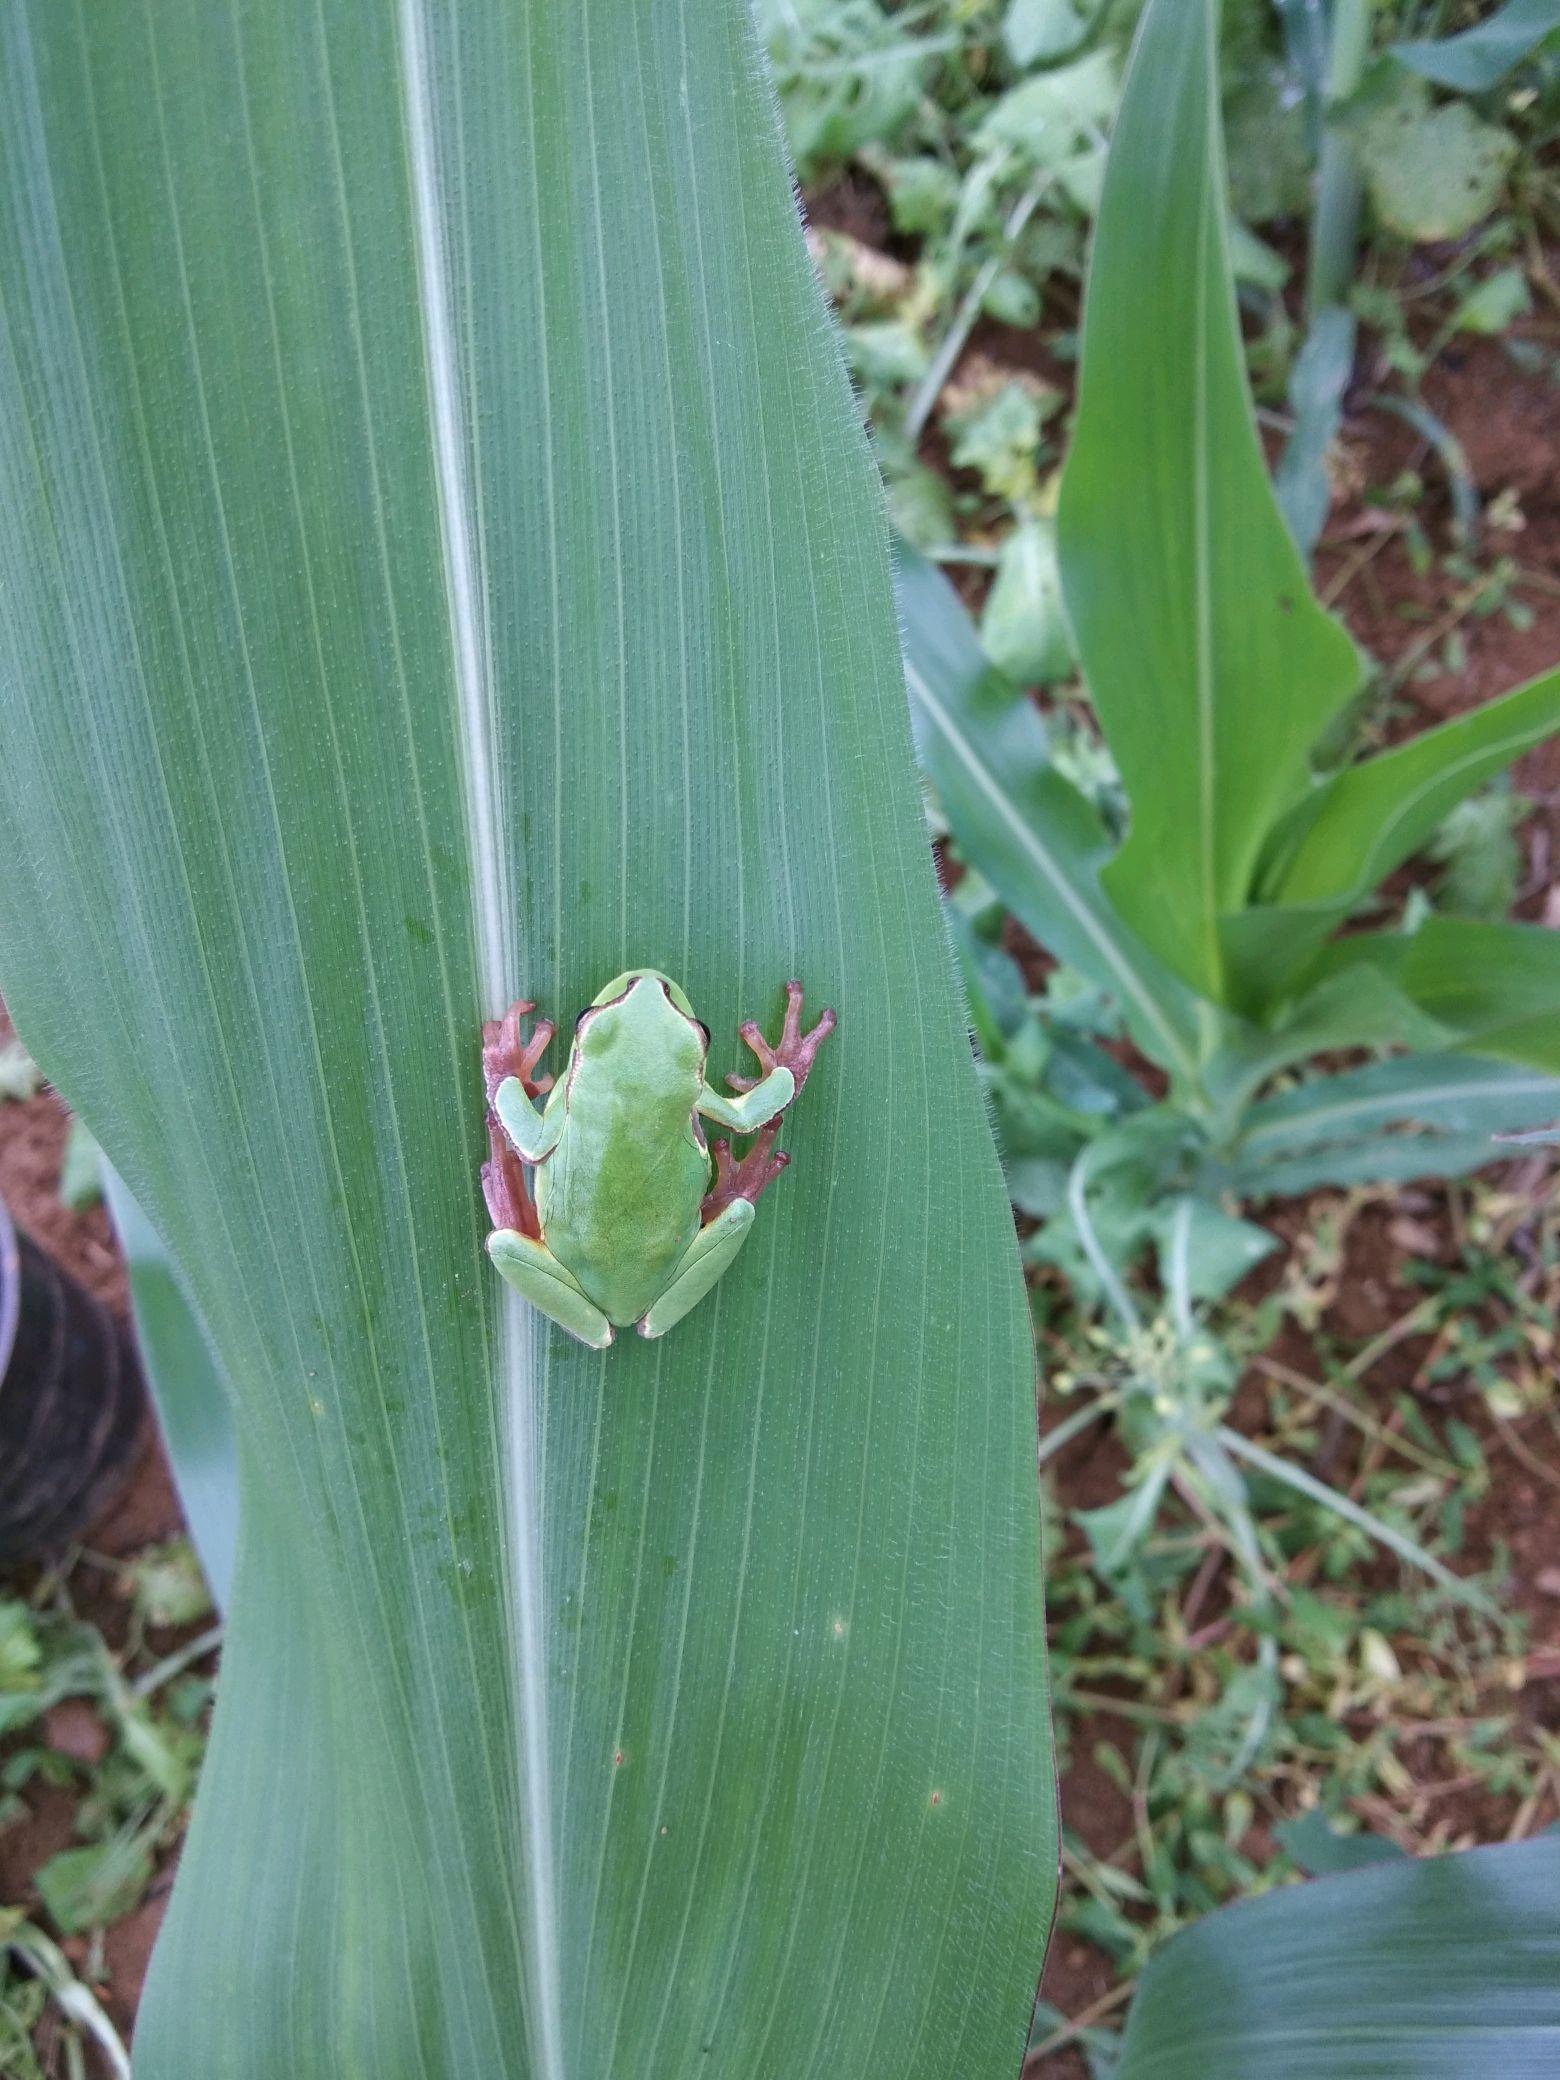 田野里看青蛙,看虫子!